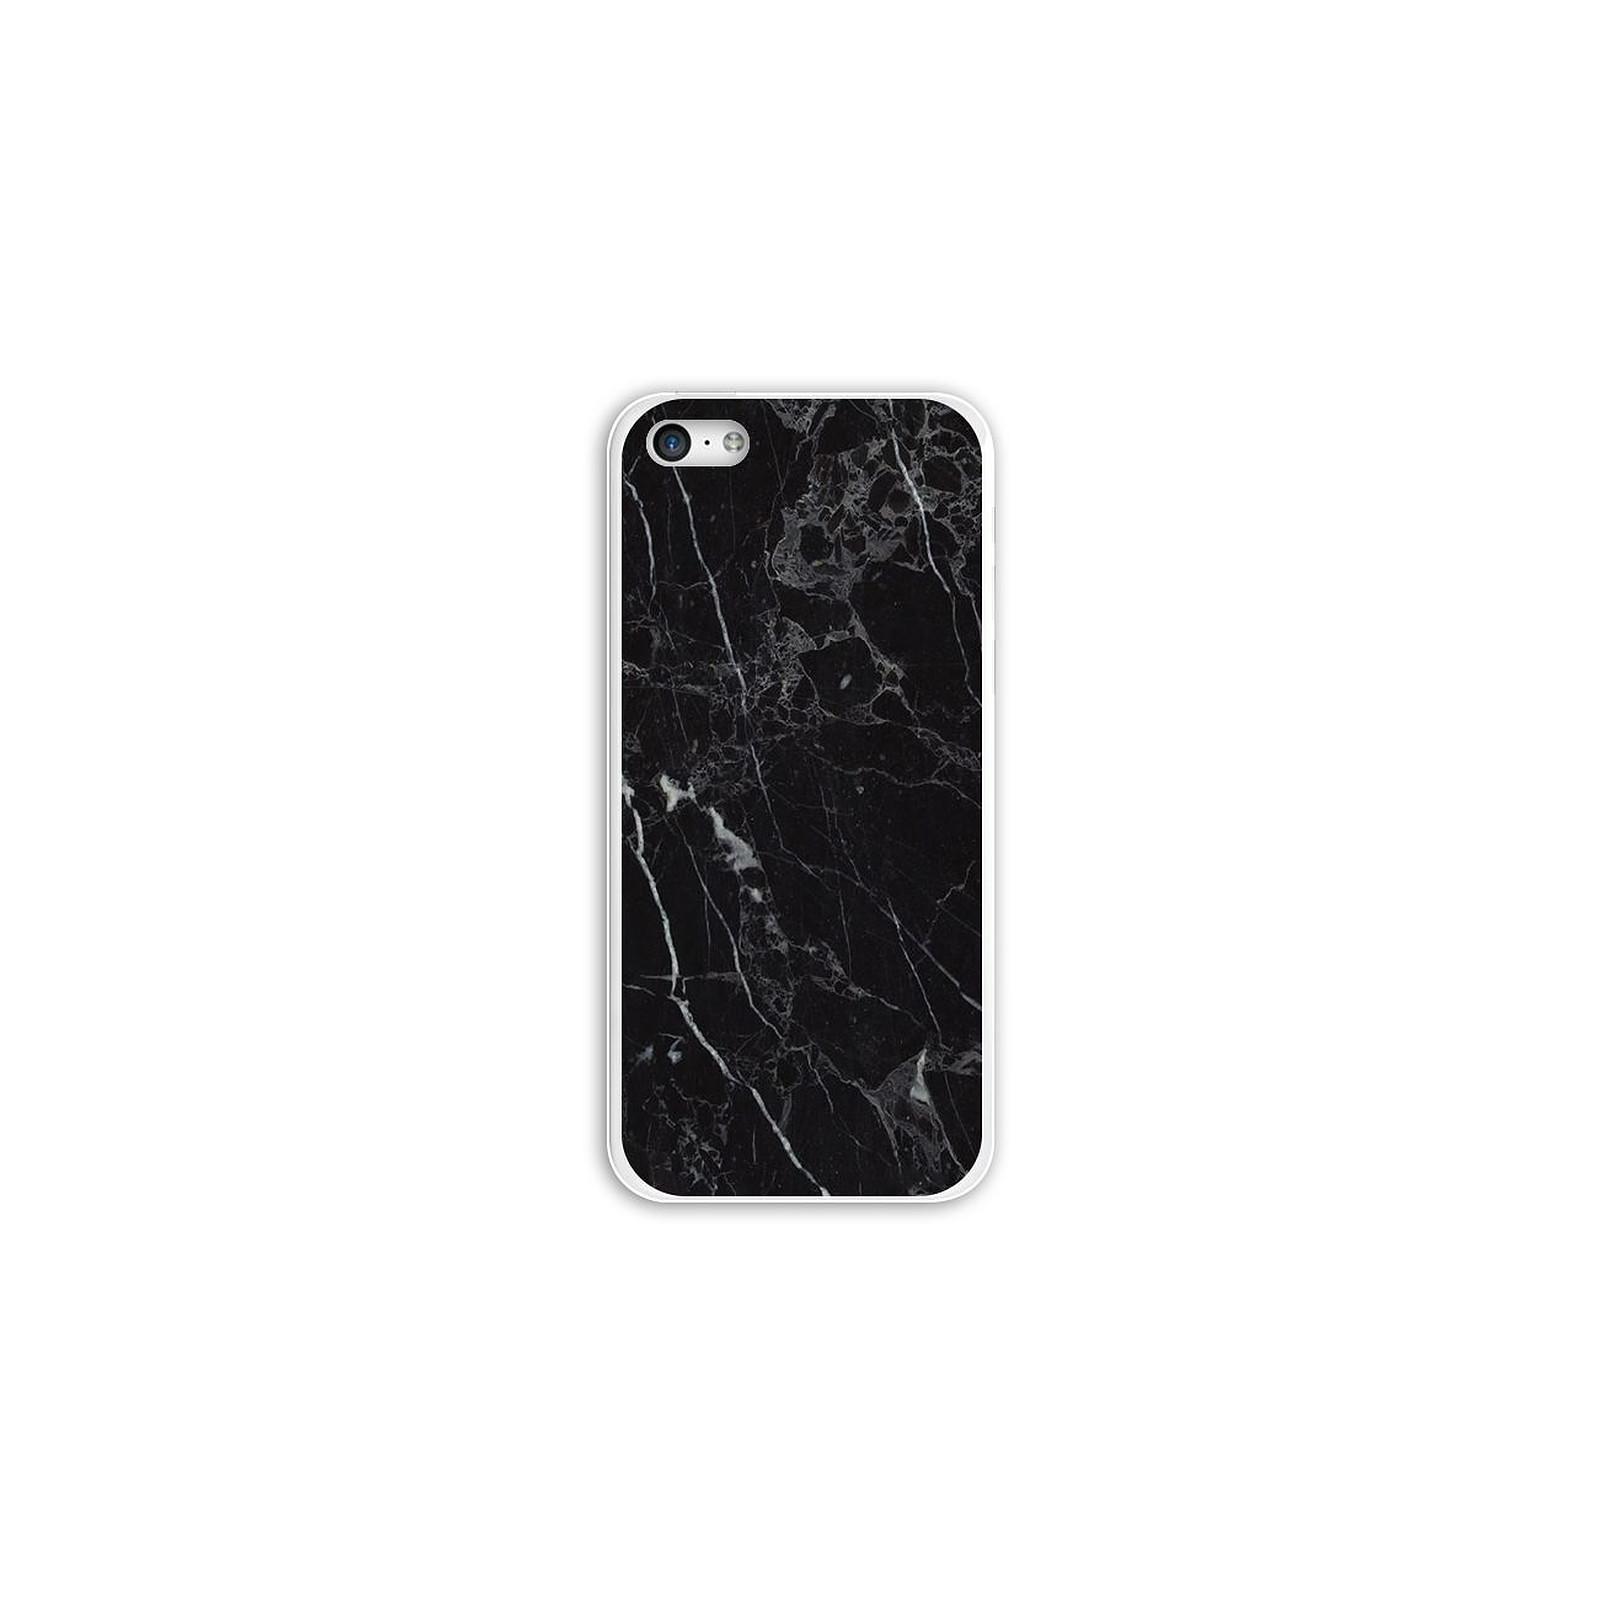 EVETANE Coque iPhone 5C rigide transparente Marbre noir Dessin